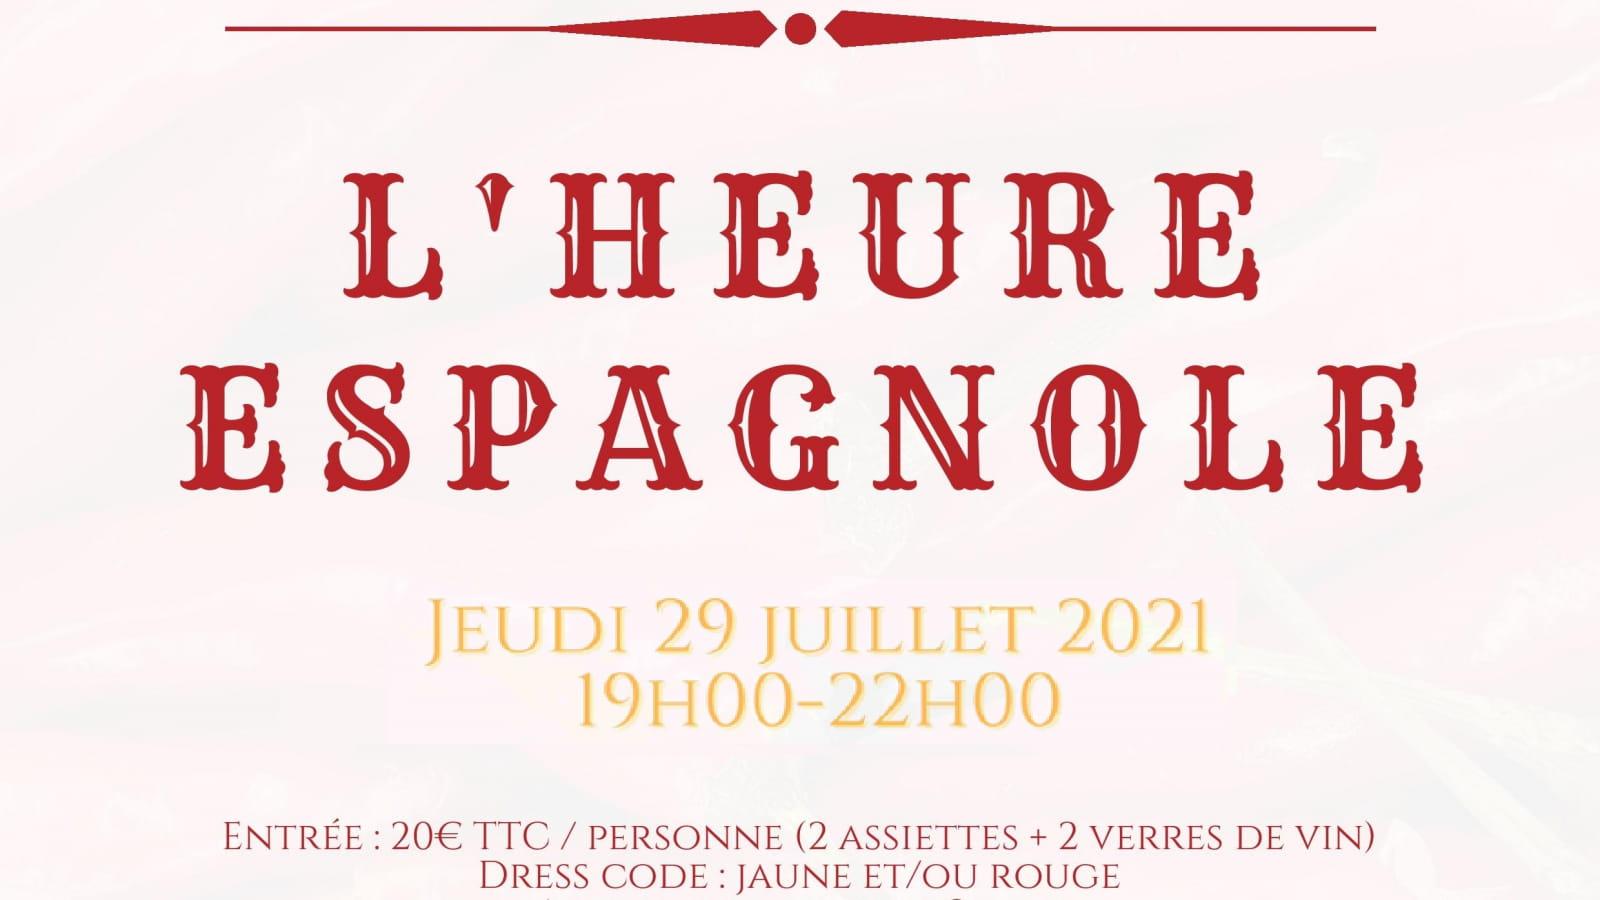 L'HEURE ESPAGNOLE - Affiche